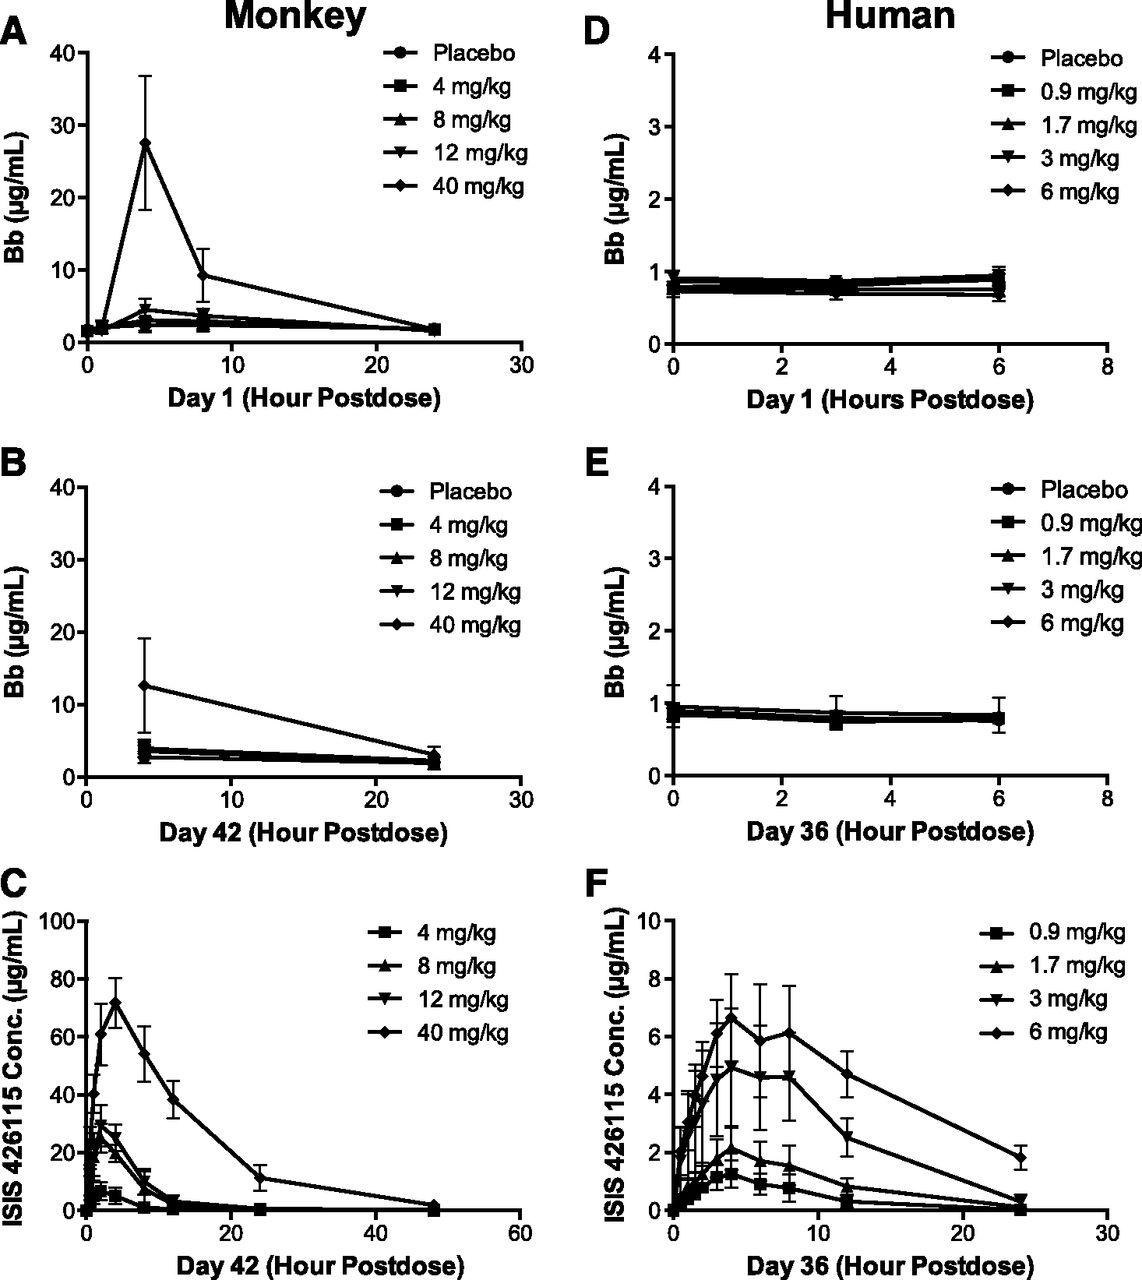 Mechanistic Understanding For The Greater Sensitivity Of Monkeys To Antisense Oligonucleotide